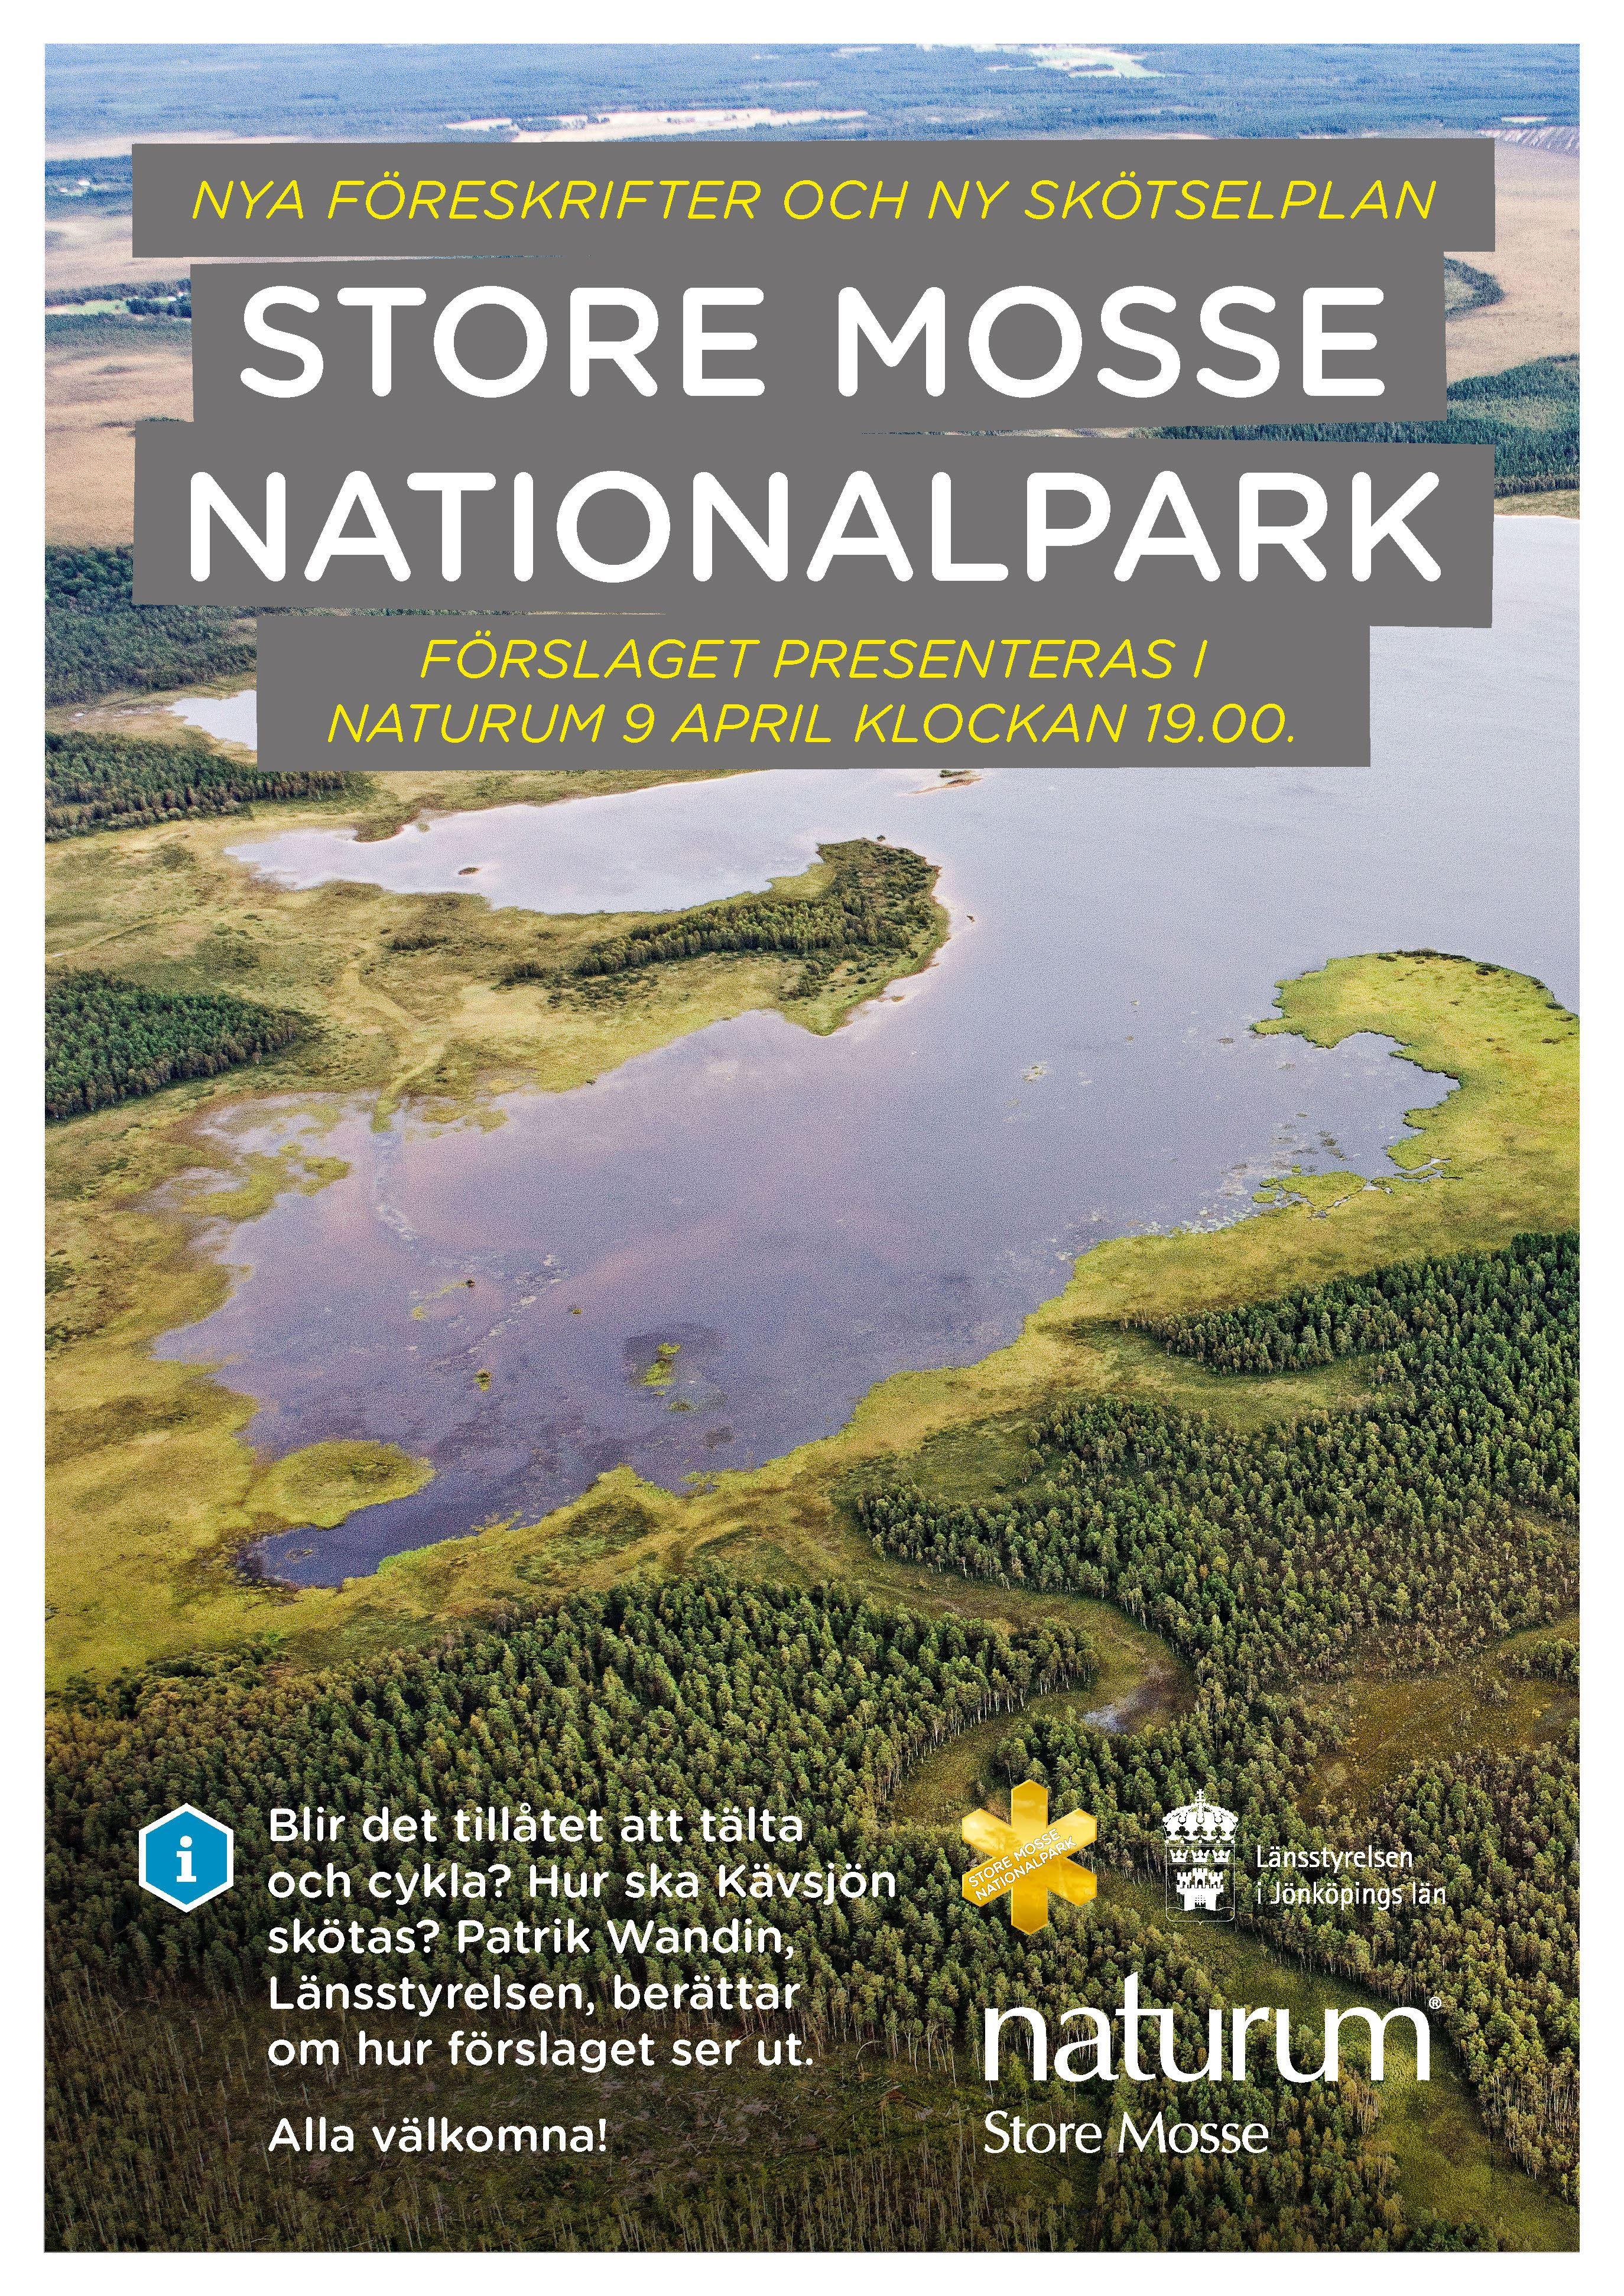 Hur ska vi sköta nationalparken? 9 april kl 19.00 i naturum